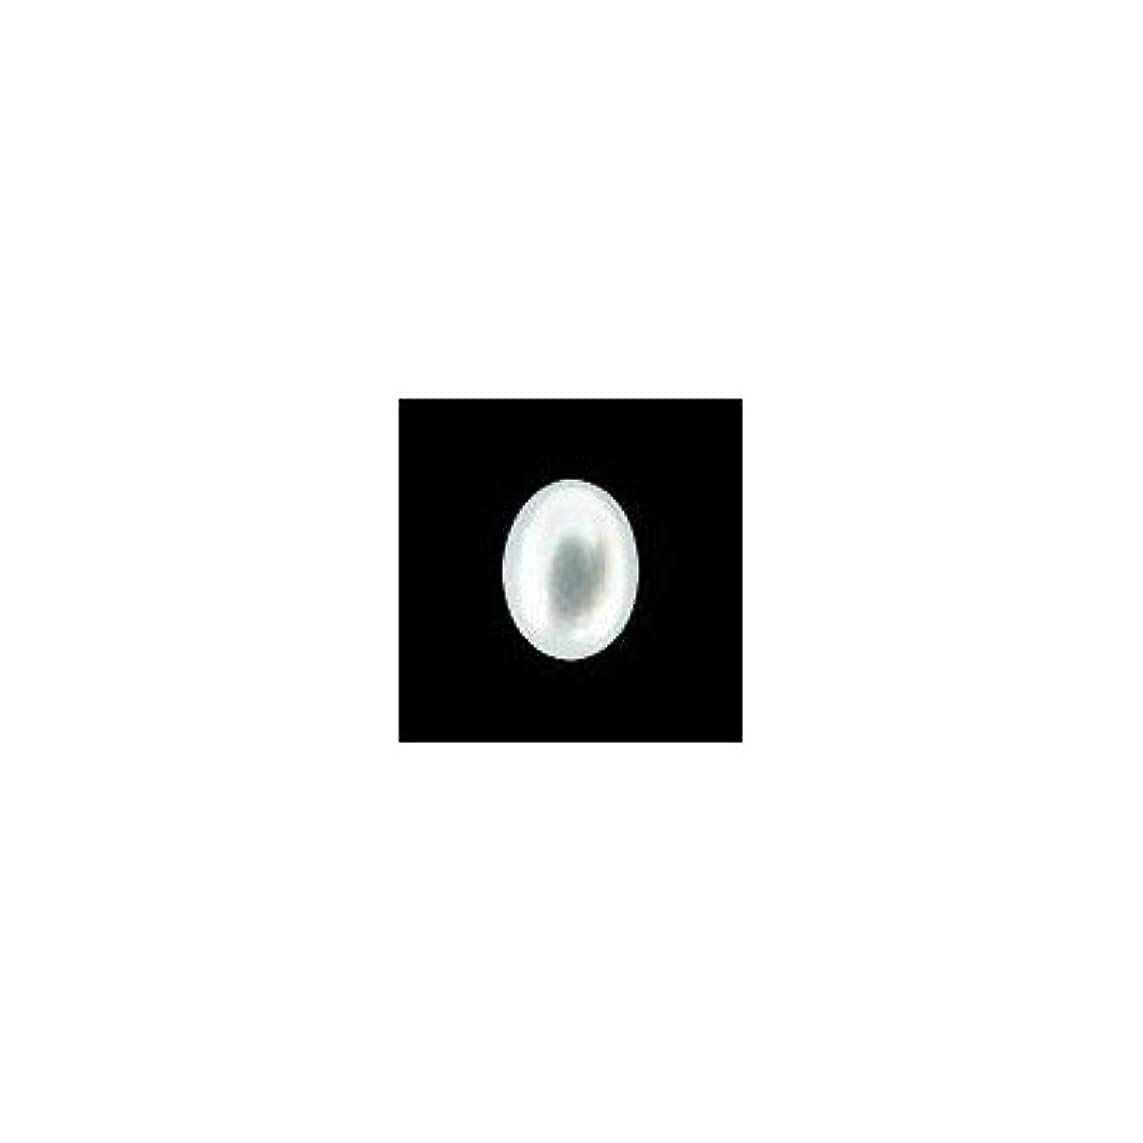 断言する反毒迷彩ピアドラ 大粒パール オーバル(7×5)24P